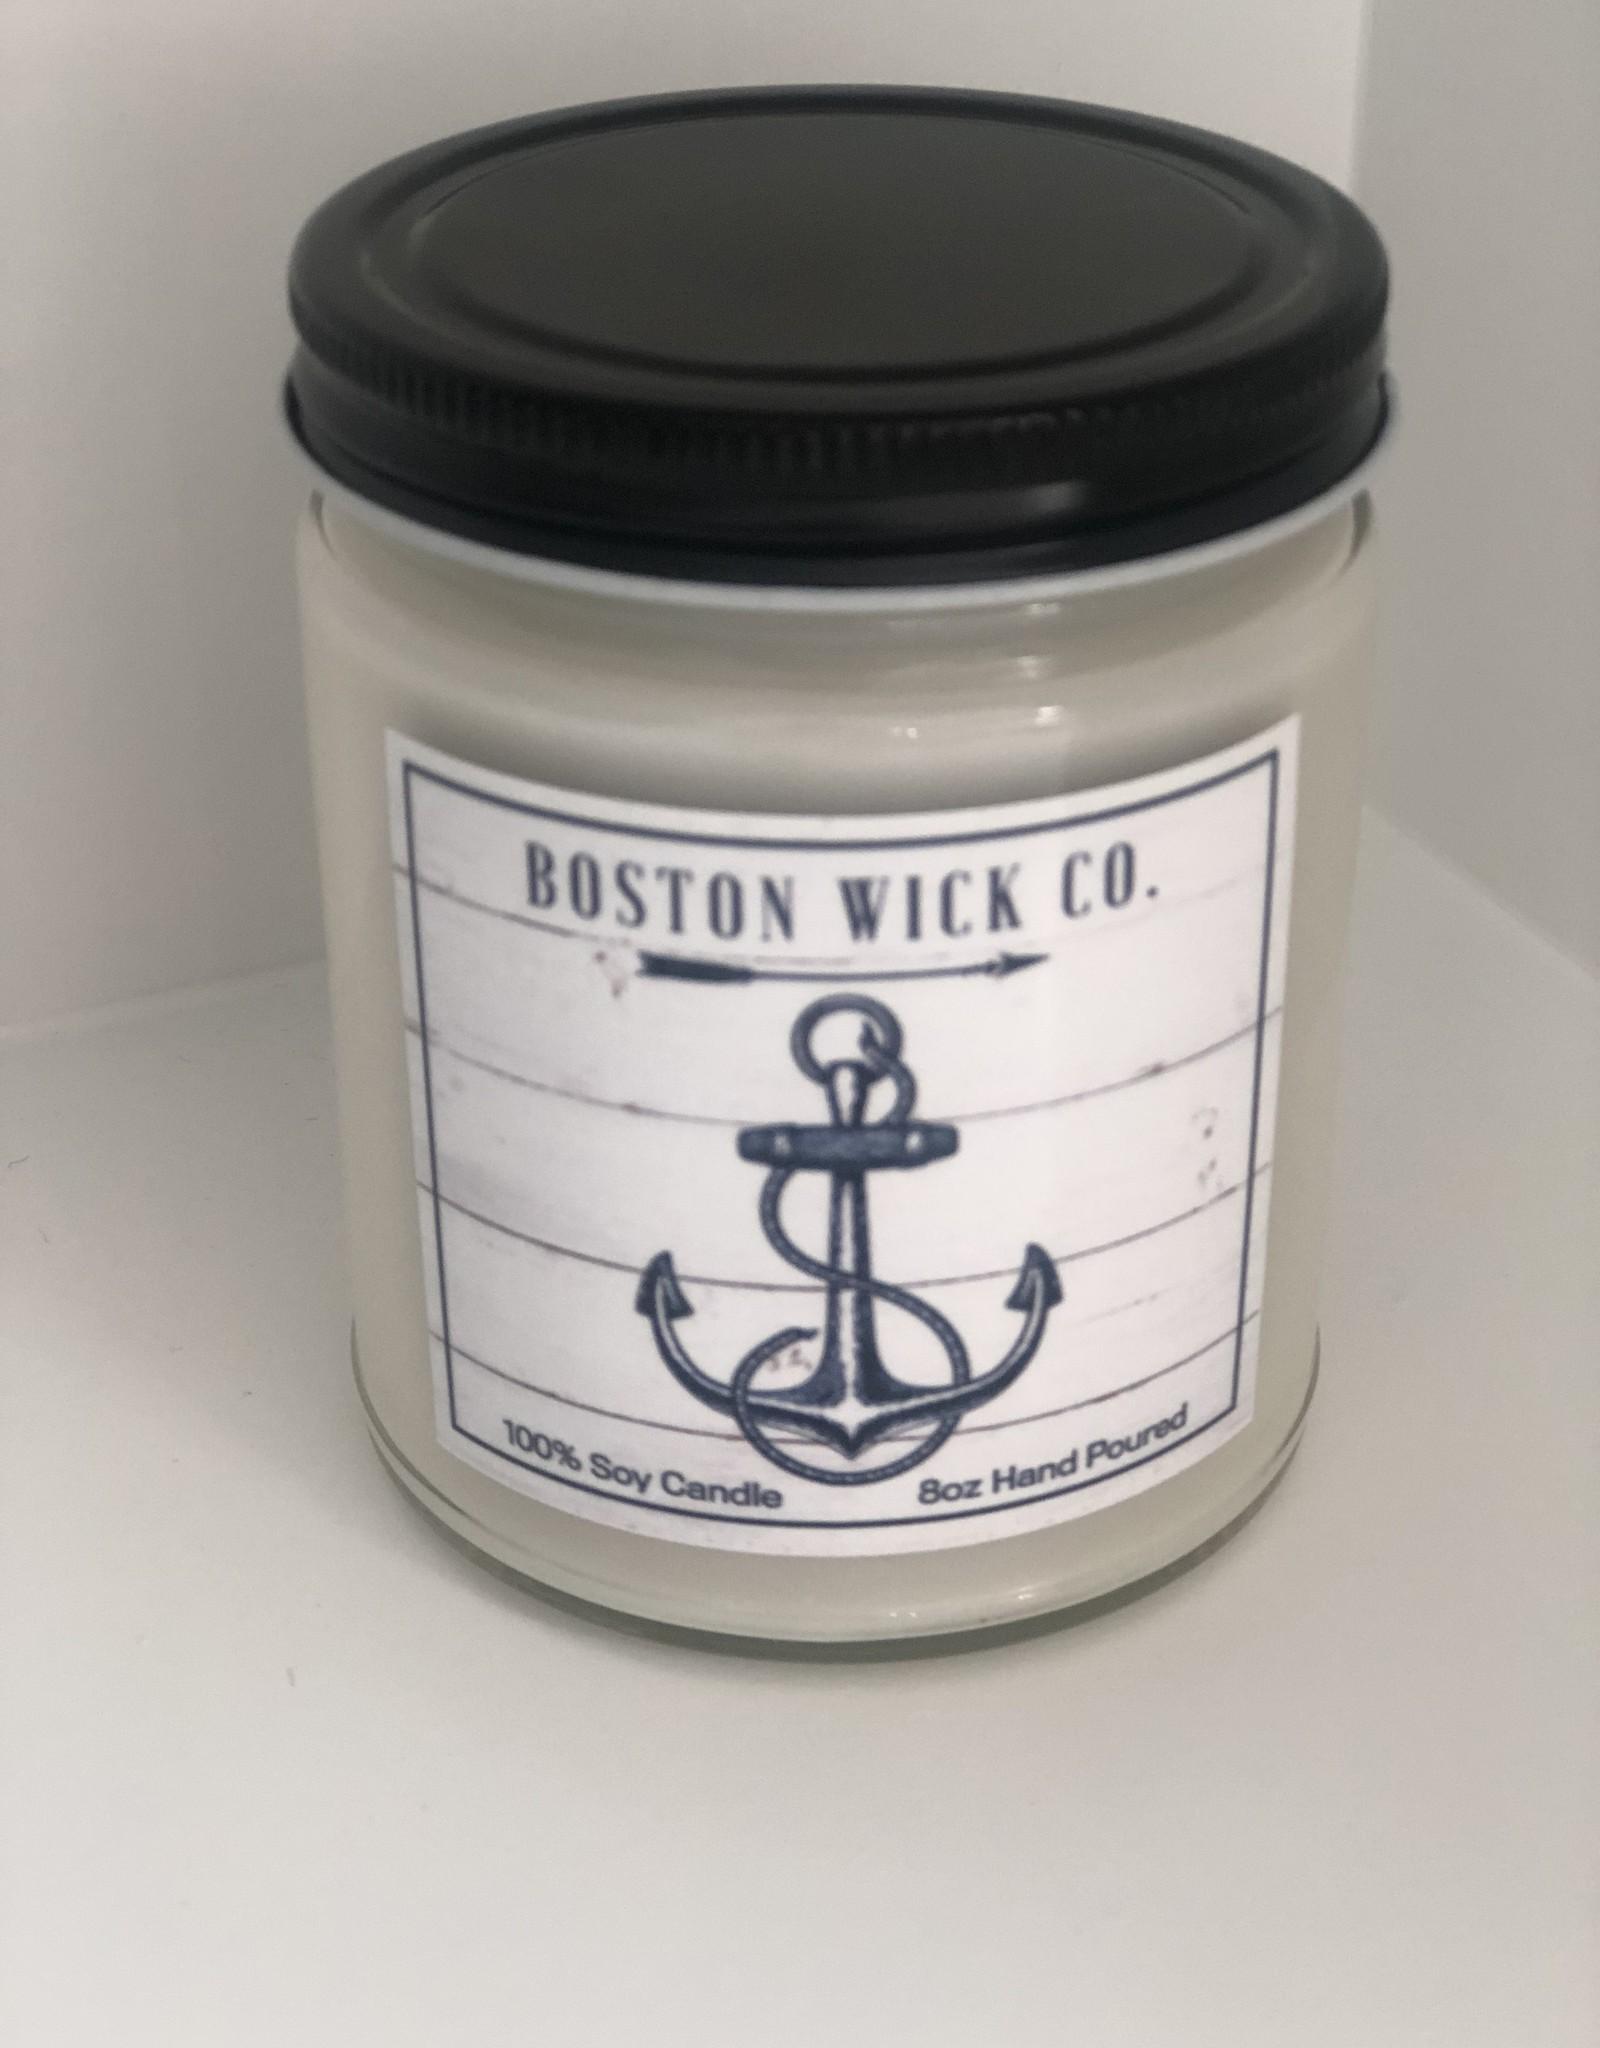 Boston Wick Boston Wick Company - Nautical Anchor